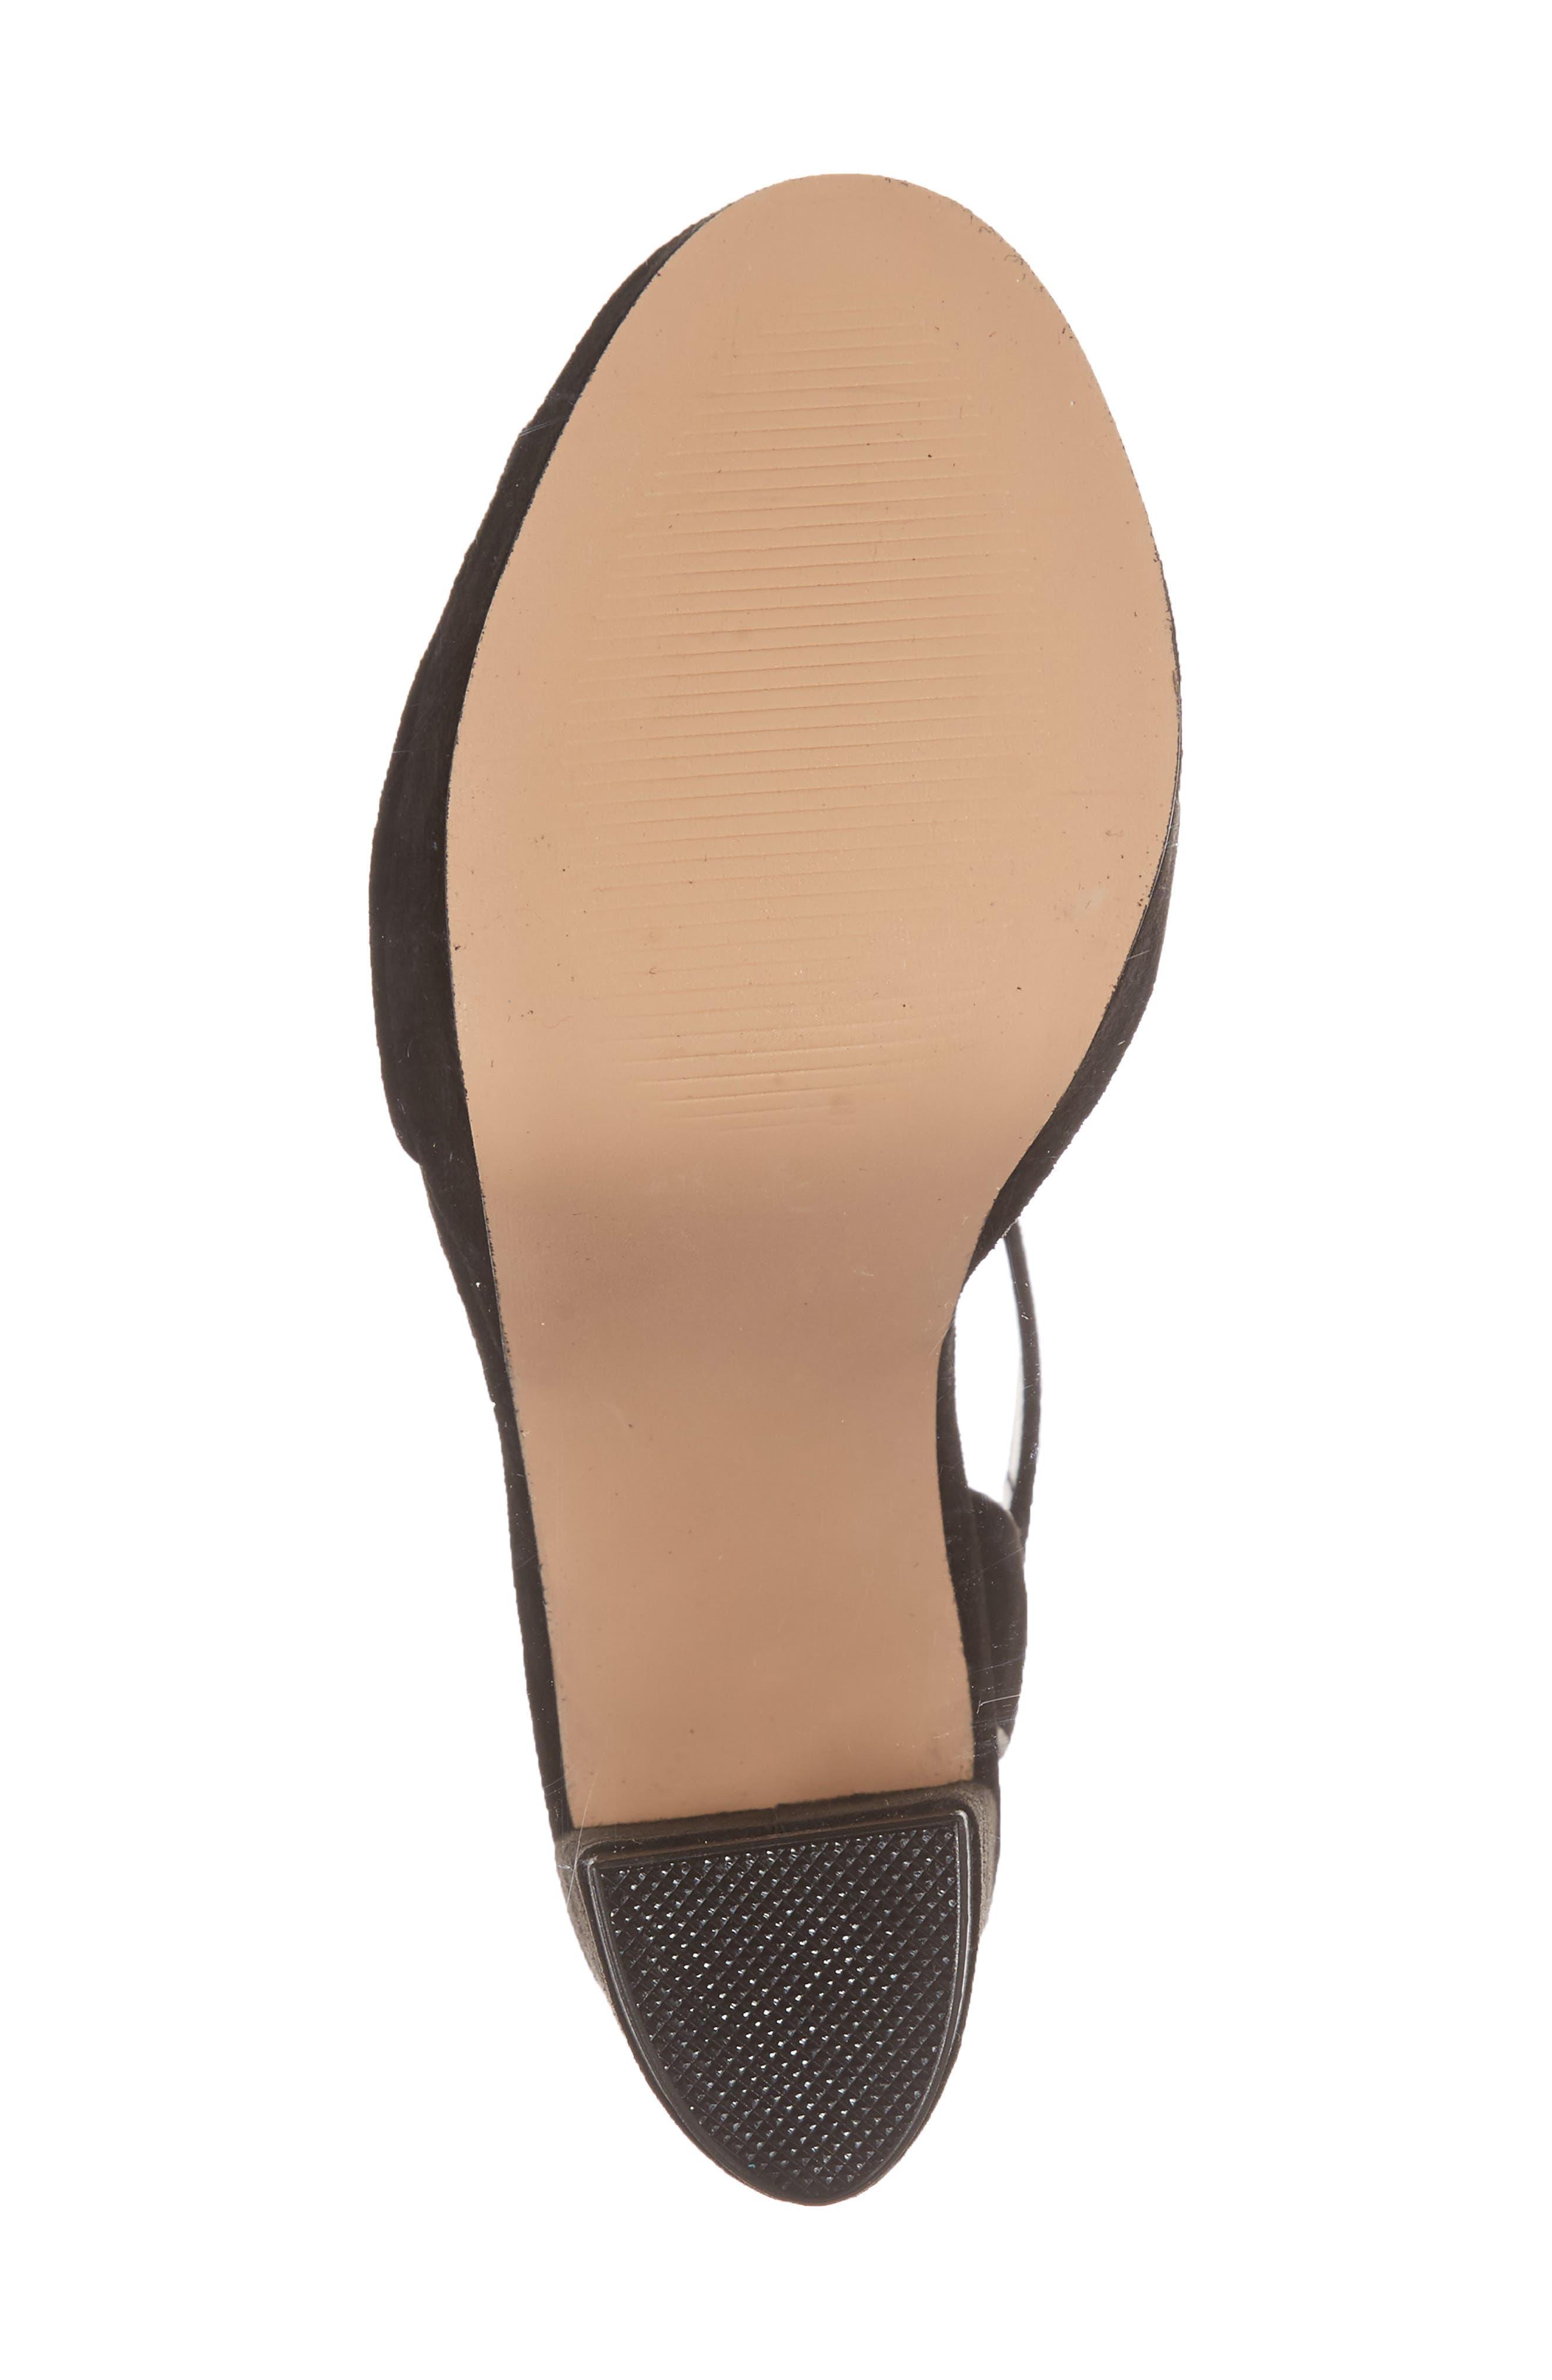 Madeline Platform Sandal,                             Alternate thumbnail 6, color,                             BLACK SUEDE